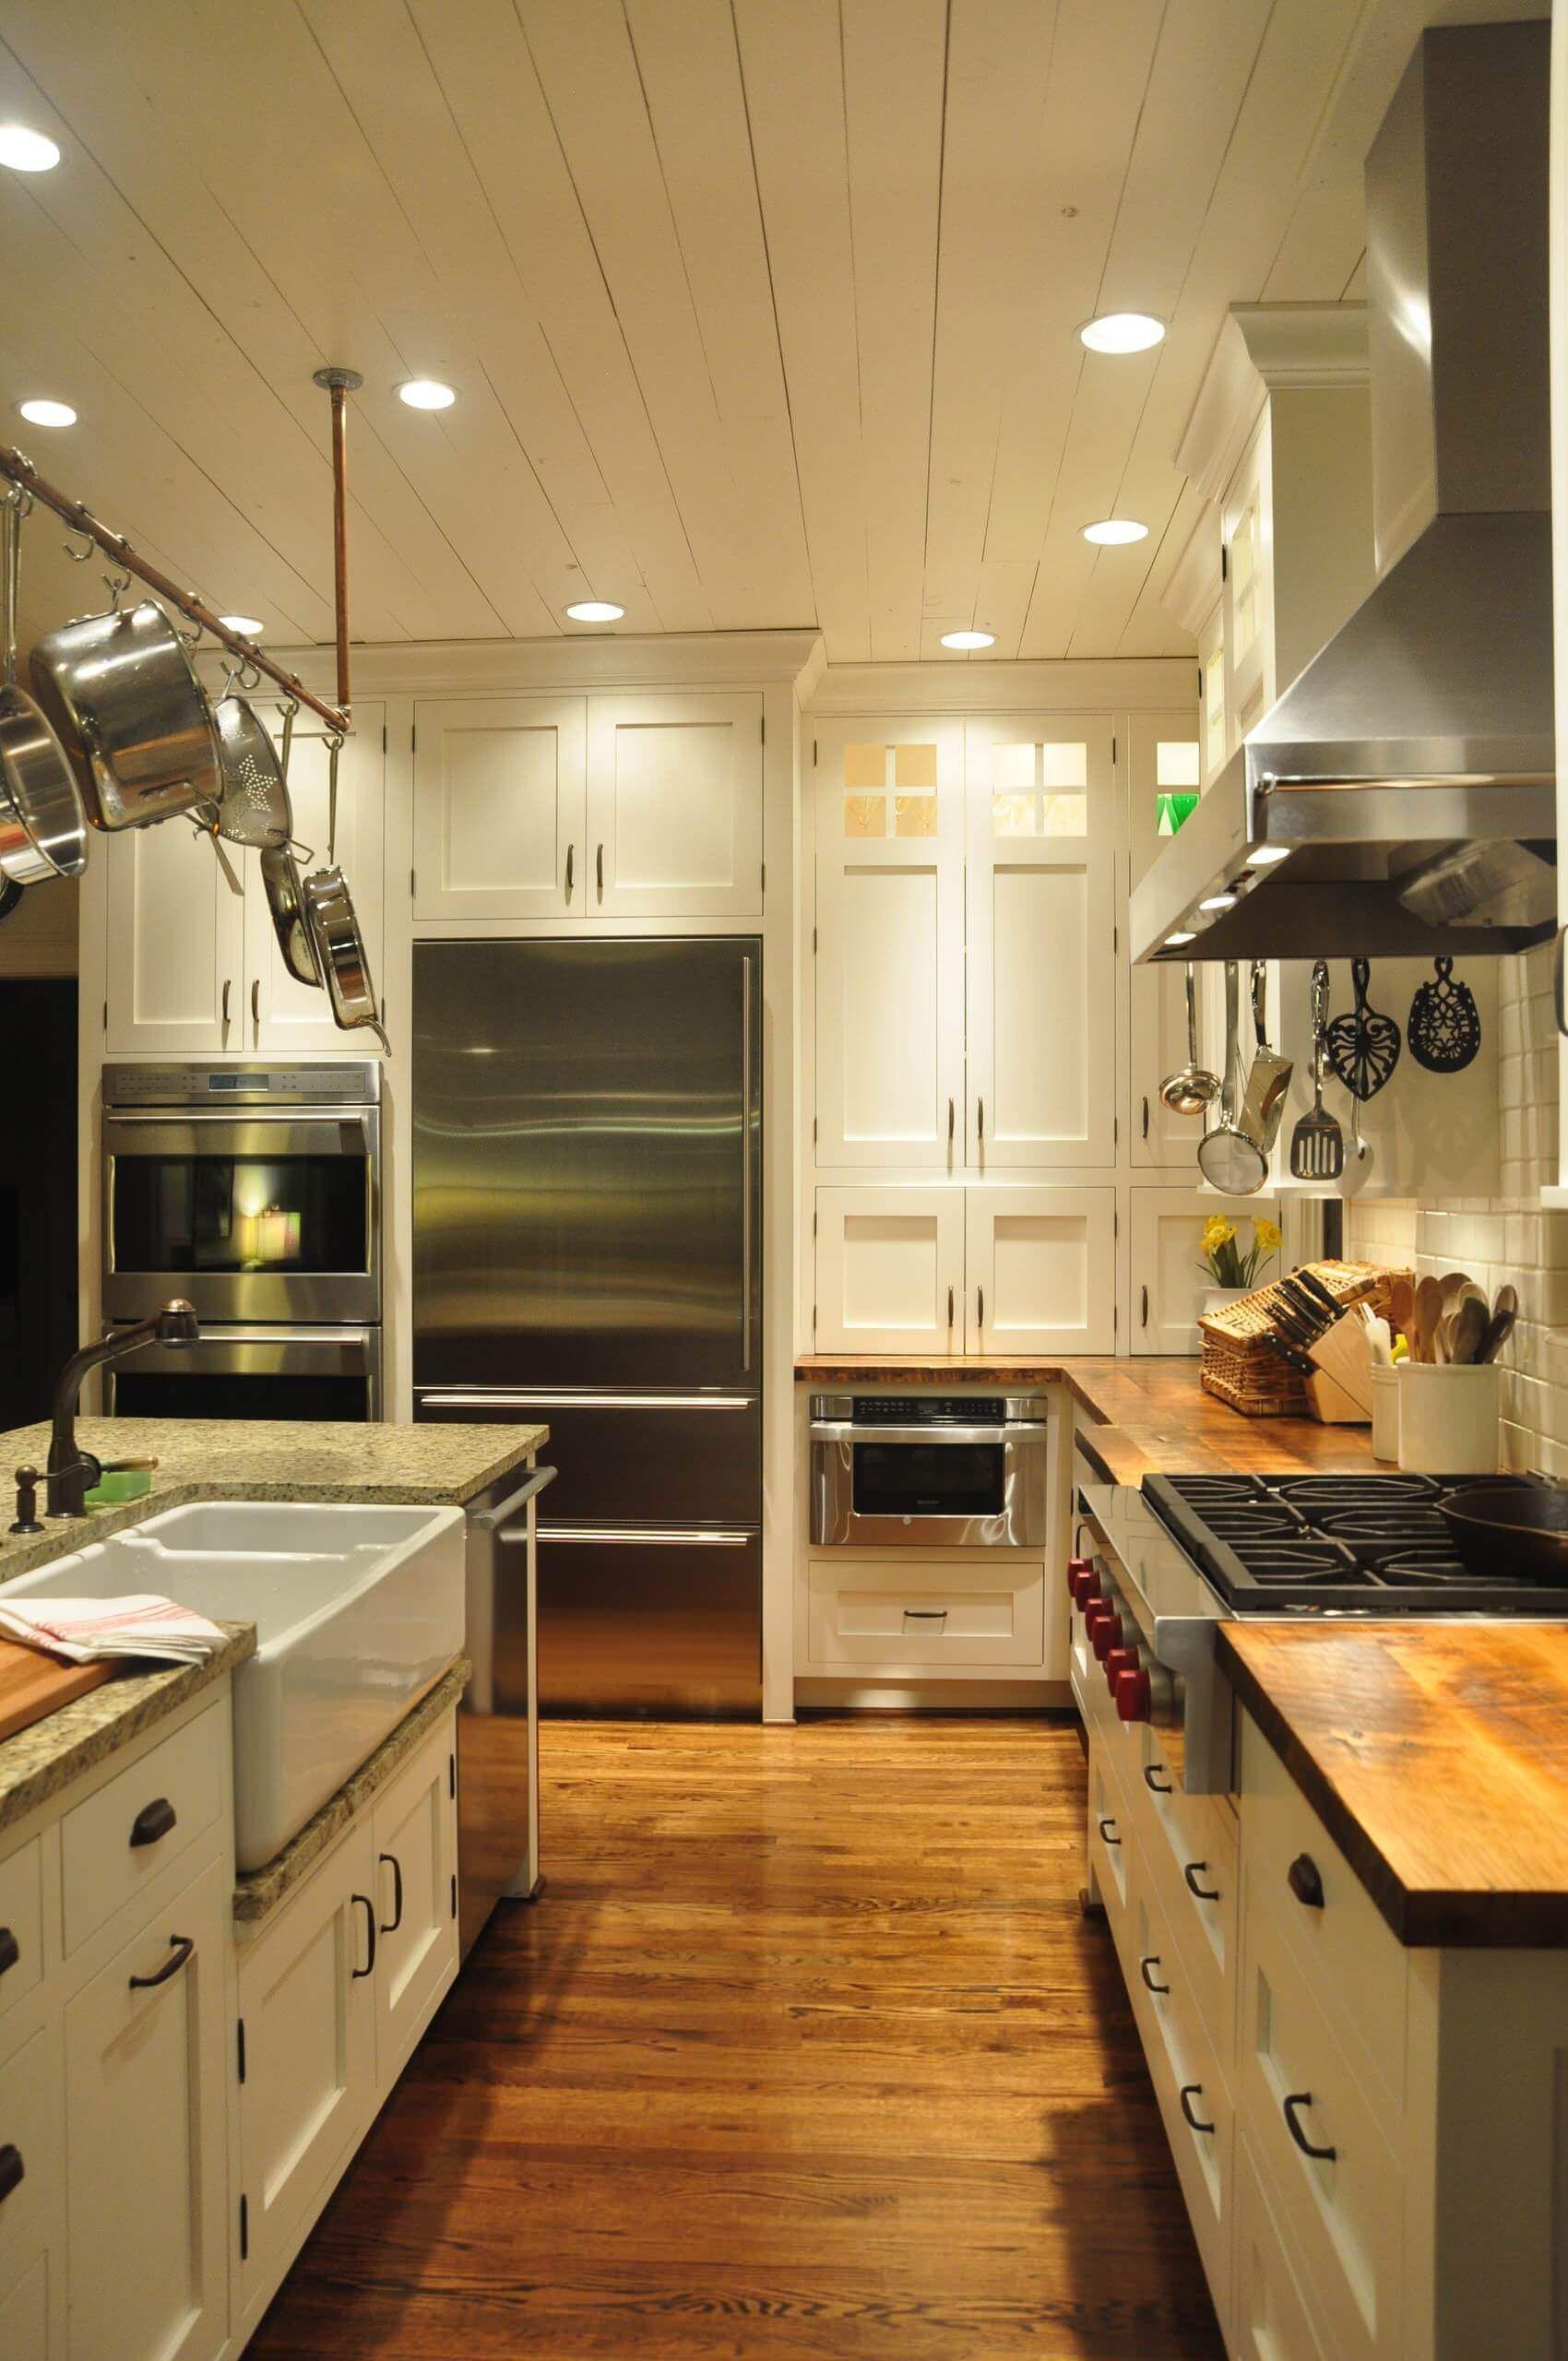 Küche ideen platz raum  best kitchen remodel ideas will inspire you  kitchen remodel on